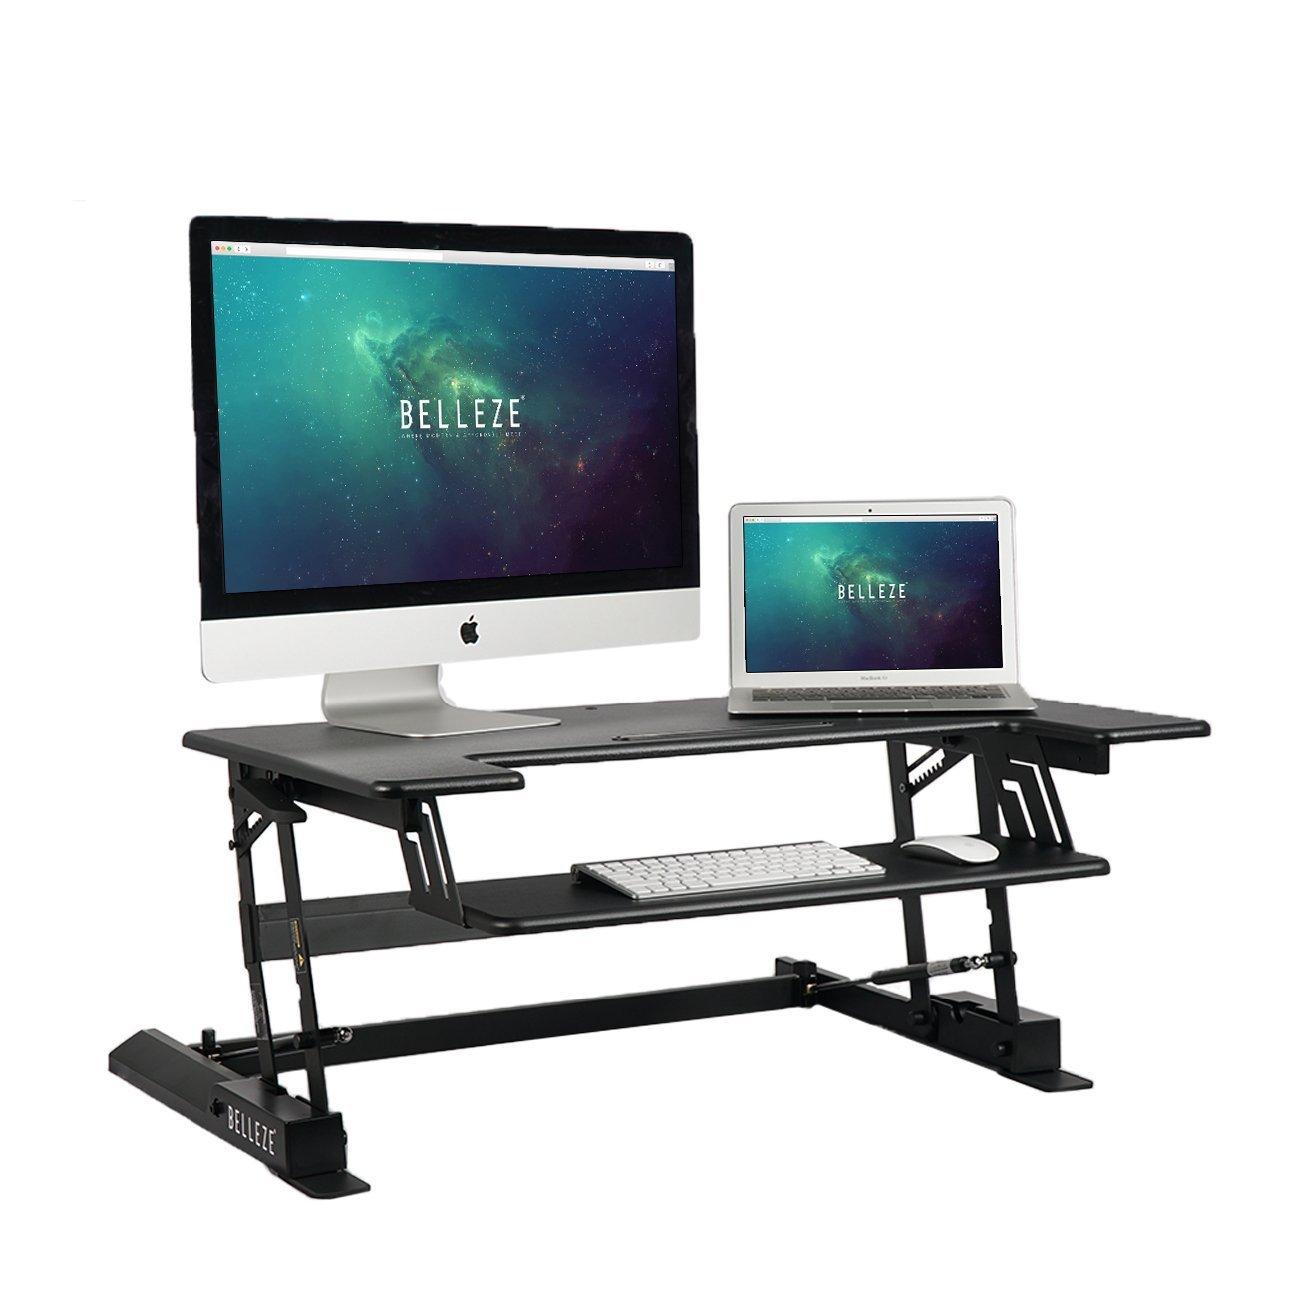 BELLEZE | Stand Up Desk | Computer Riser Table | Keyboard Tray | Adjustable Height Desk Converter | Home | Office | Dorm | 36 Inch | Black